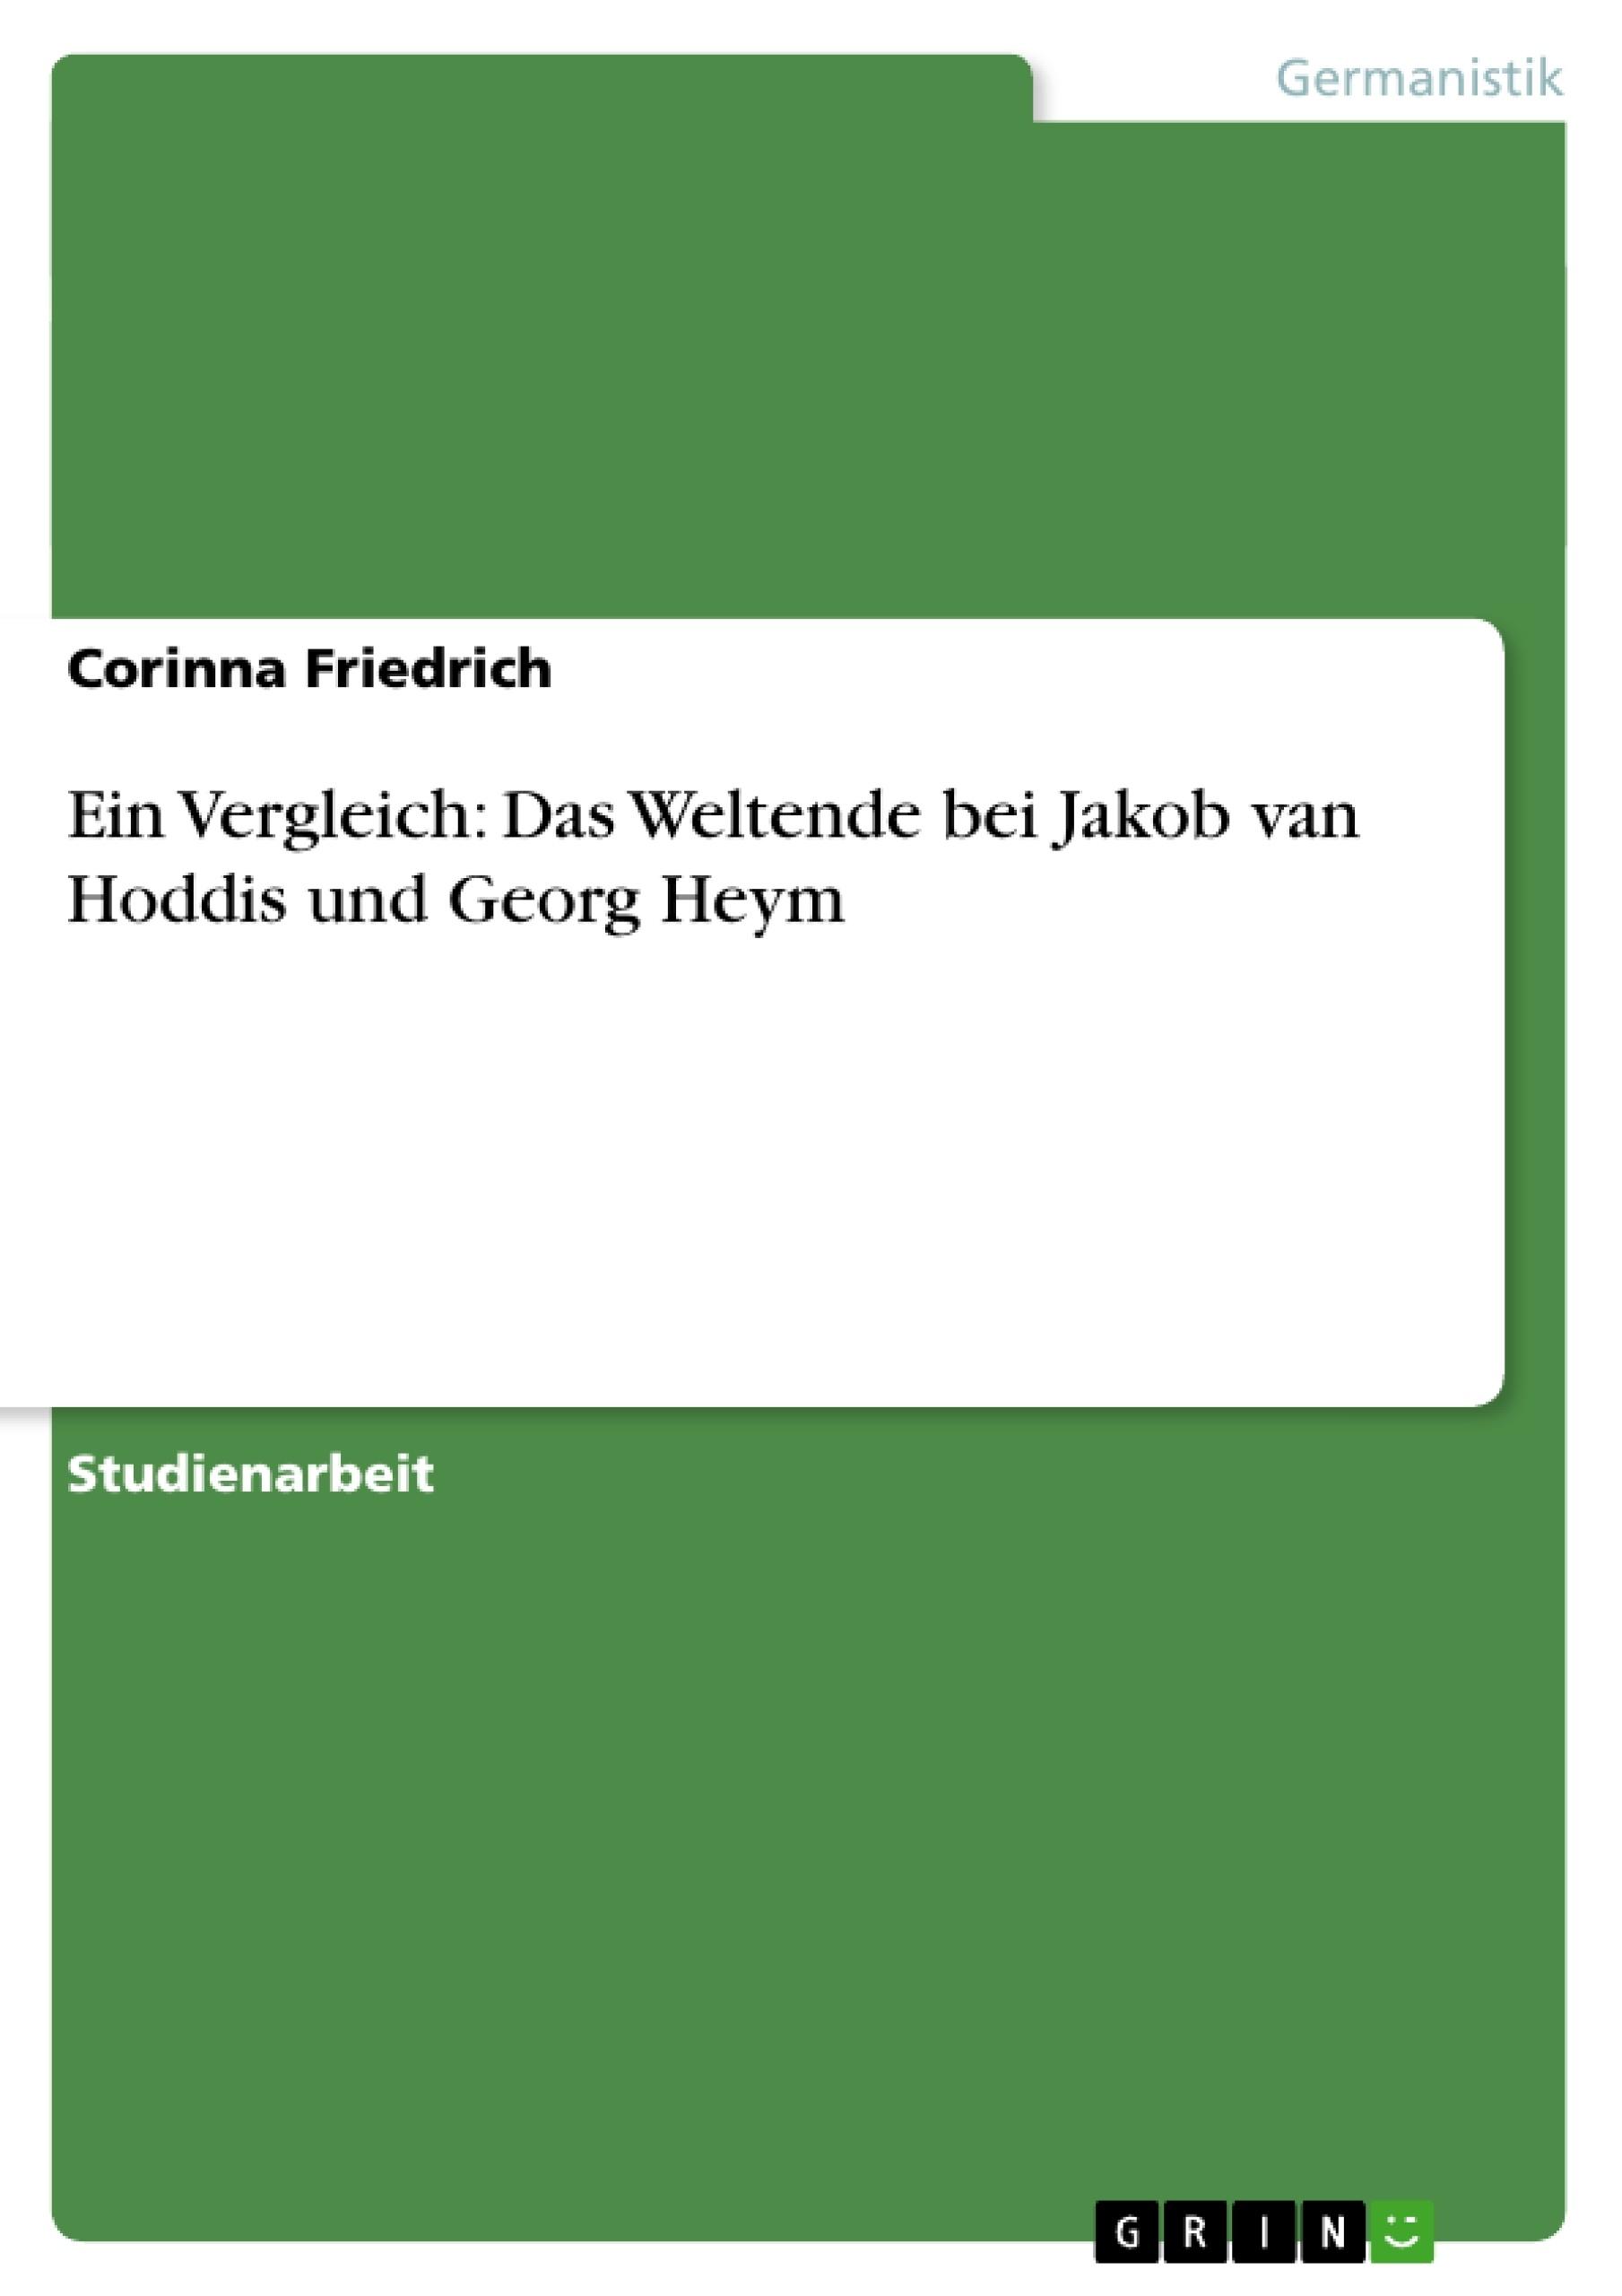 Titel: Ein Vergleich: Das Weltende bei Jakob van Hoddis und Georg Heym